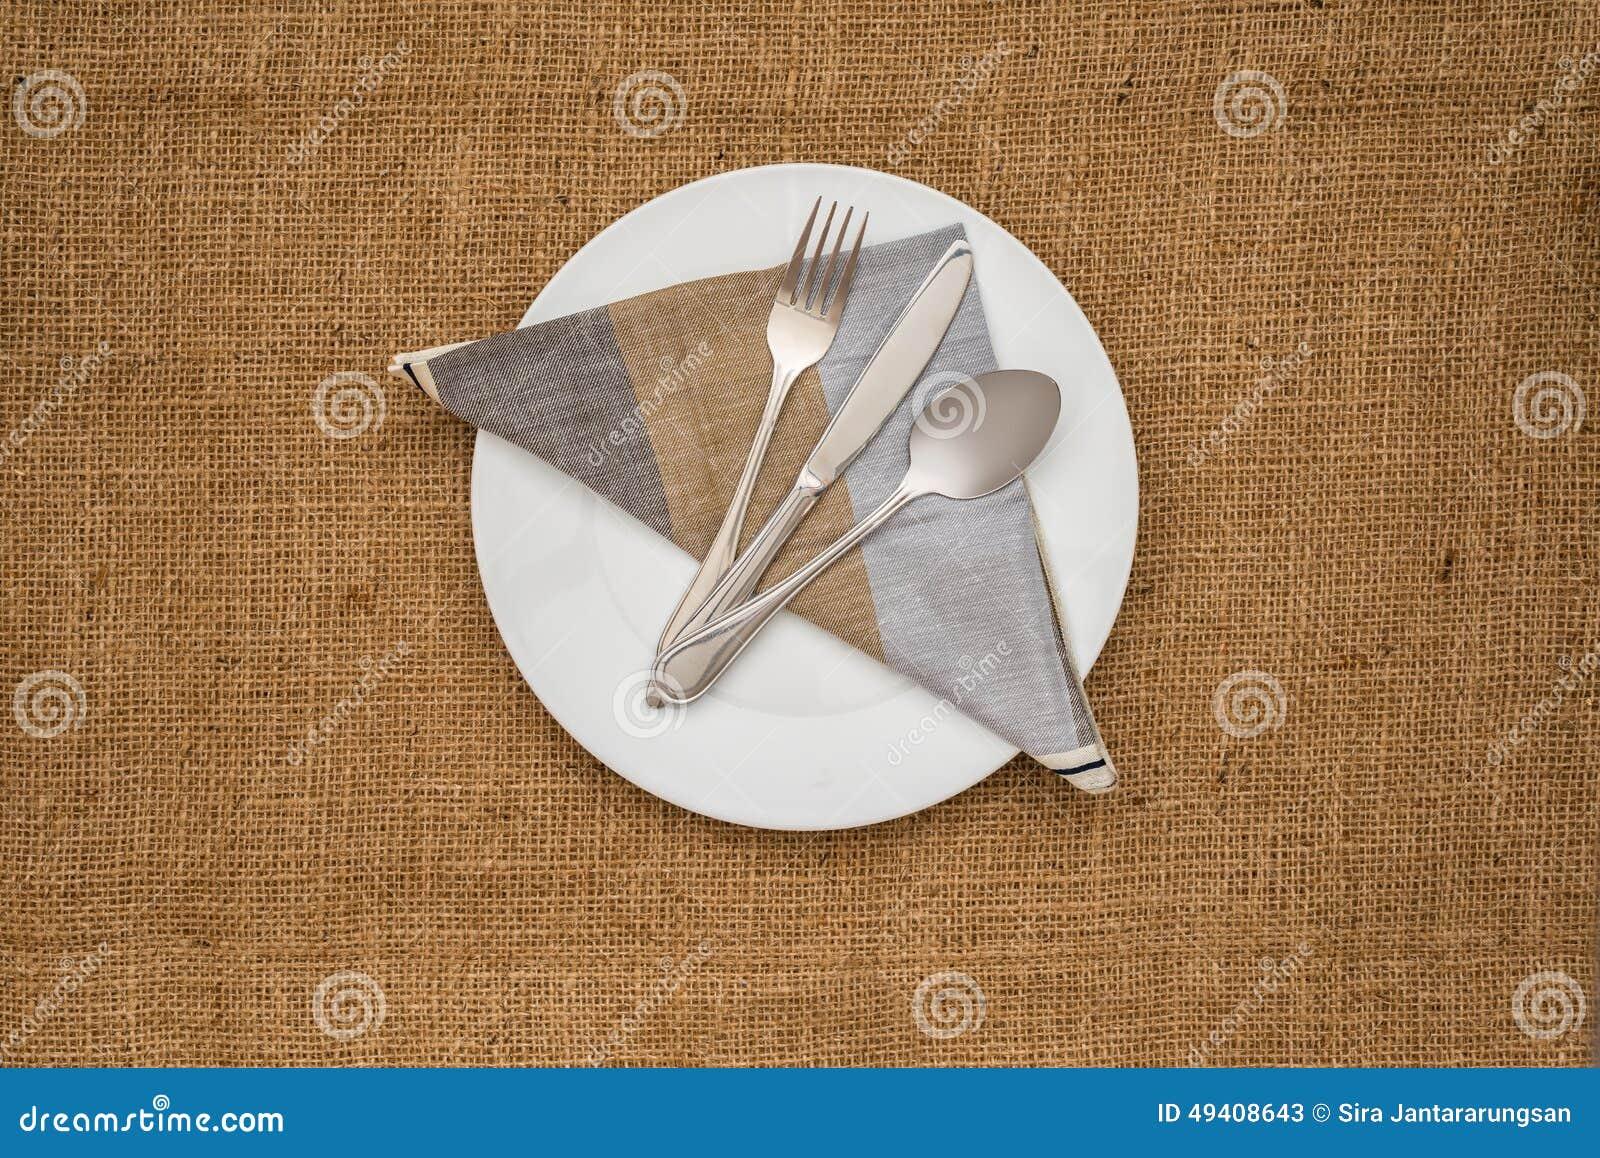 Download Leeren Sie Weiße Platte Und Löffel, Gabel, Messer, Serviette Stockbild - Bild von tabelle, exemplar: 49408643